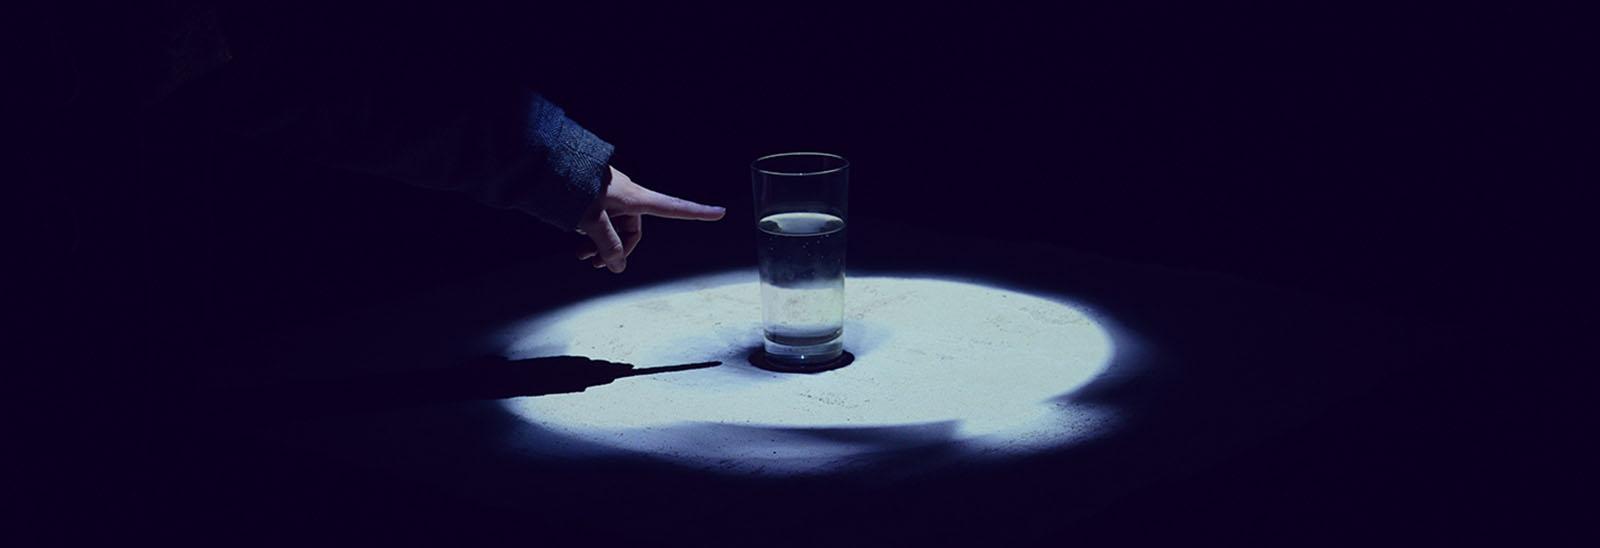 come bere un bicchiere d'acqua 7